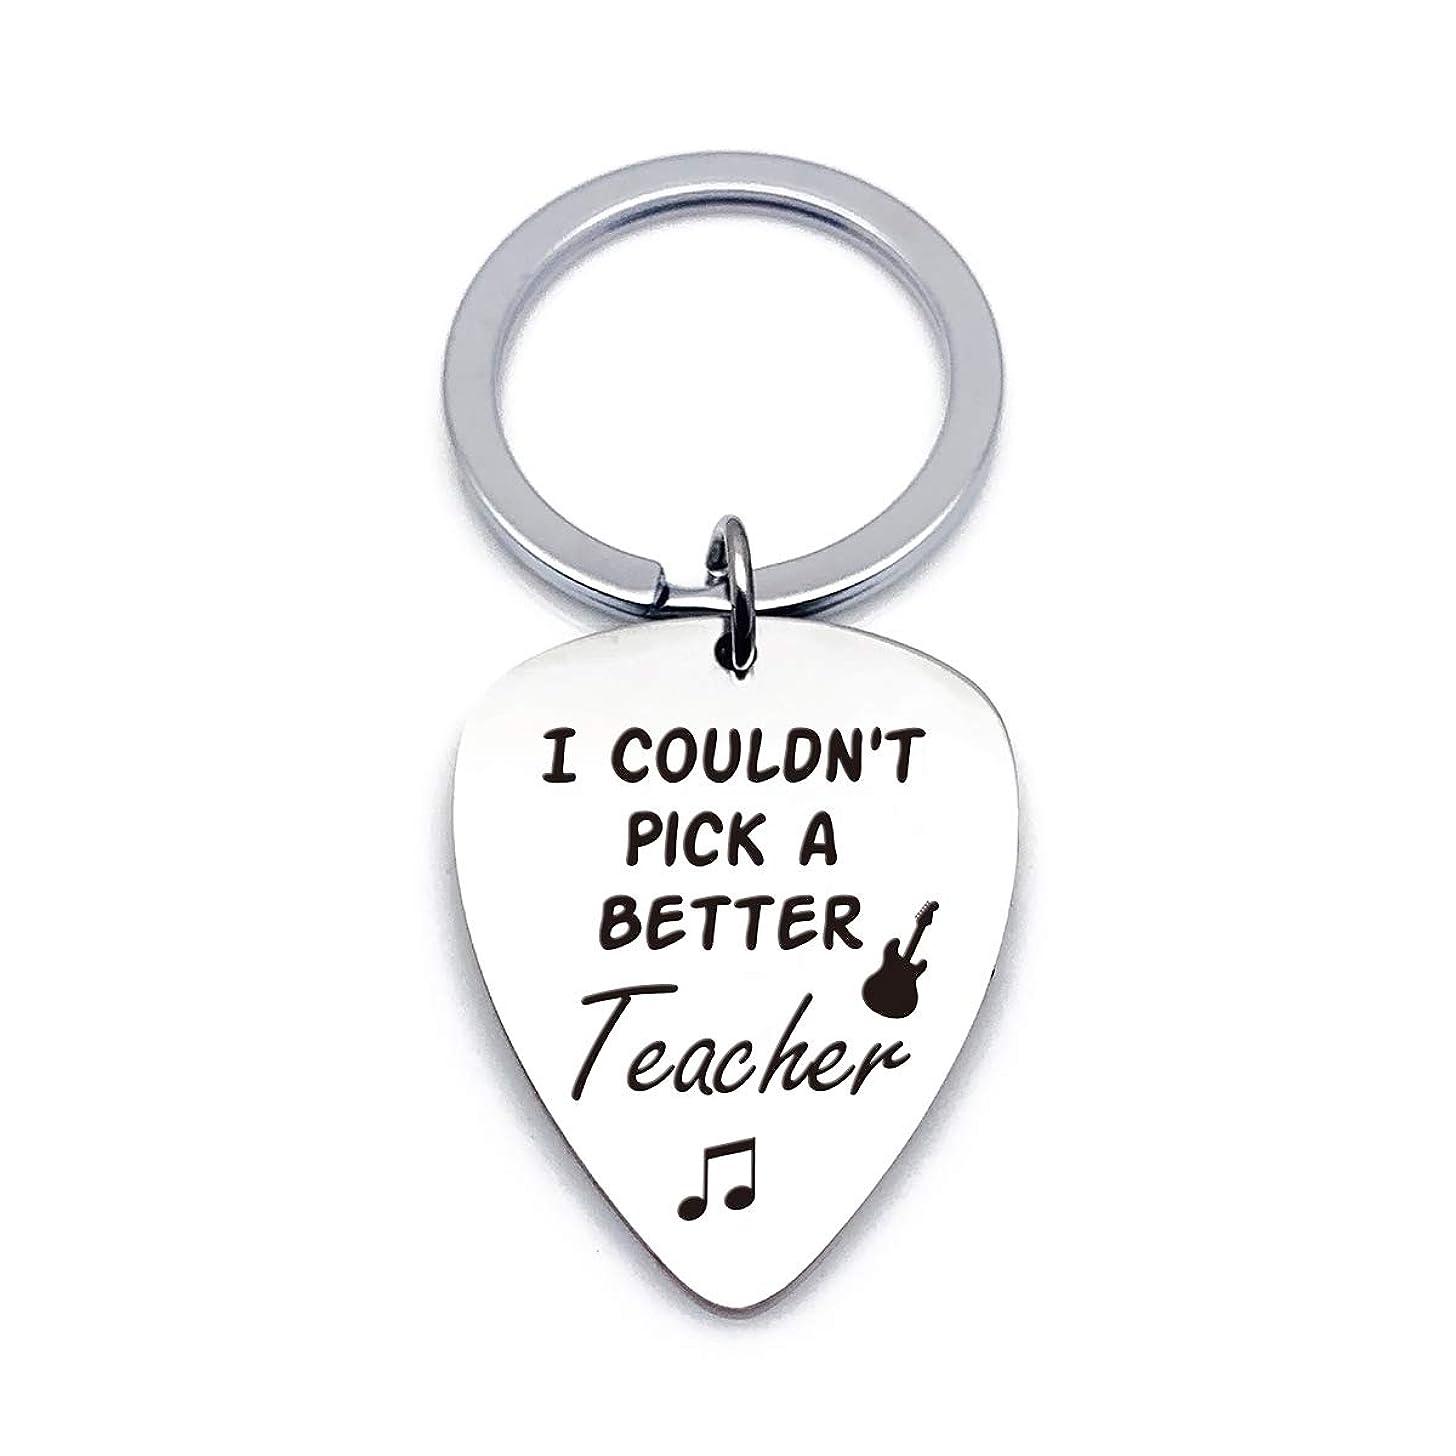 Best Guitar Pick Gifts - Teacher Appreciation Gift Stainless Steel Guitar Pick Keychain - I Couldn't Pick A Better Teacher - Perfect Music Gift Ideas for Teacher Musicians Men Women